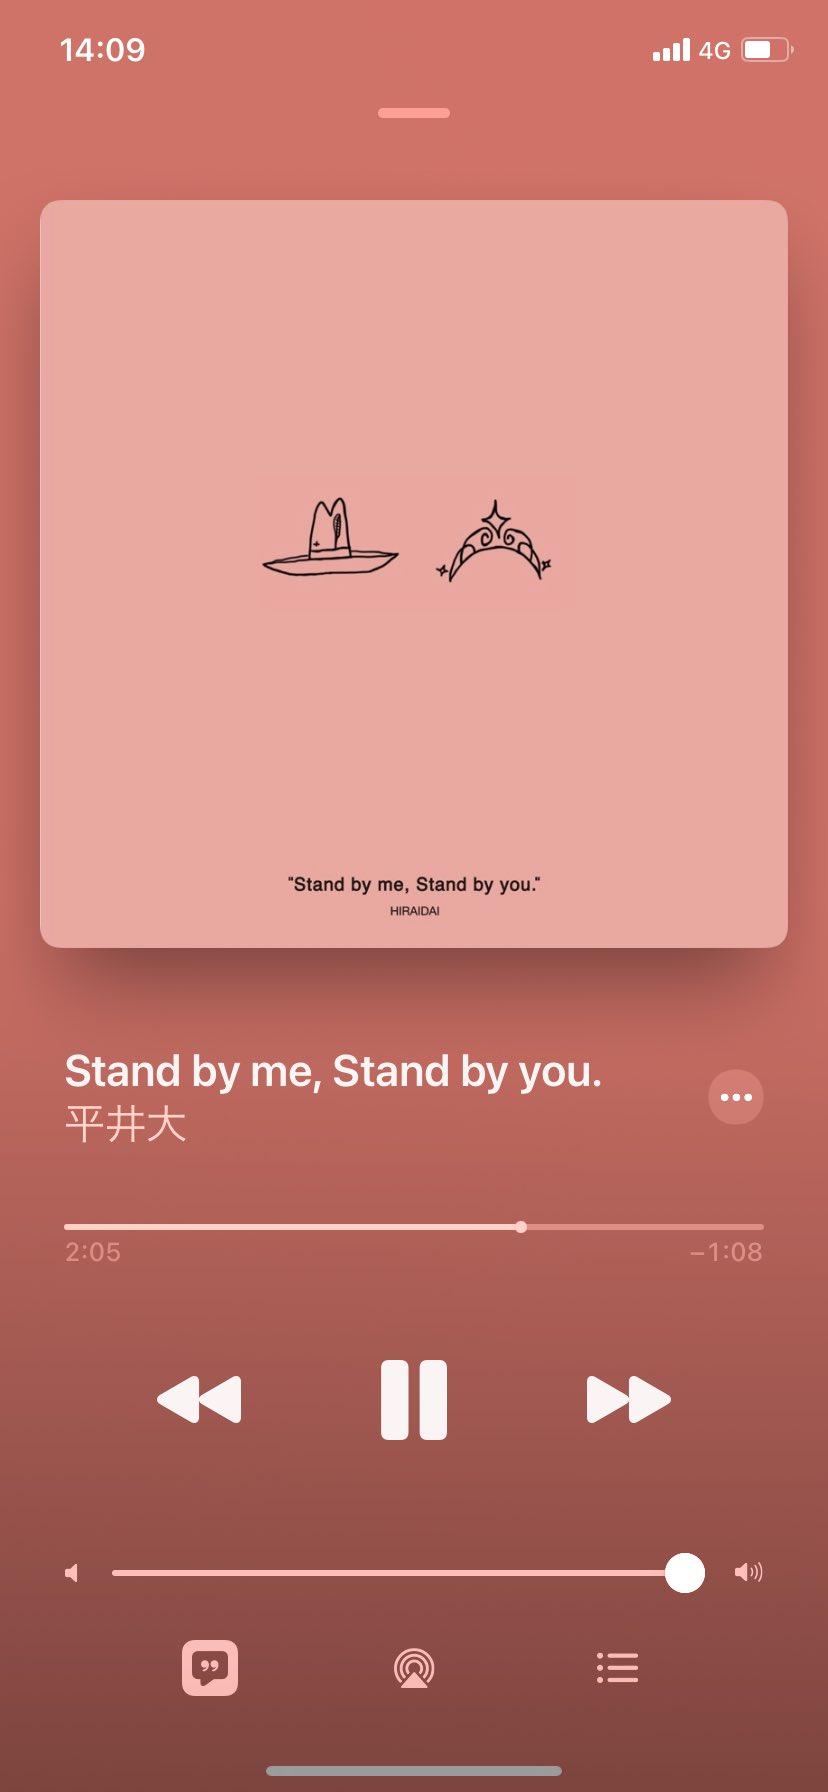 スタンド 平井 バイミー 大